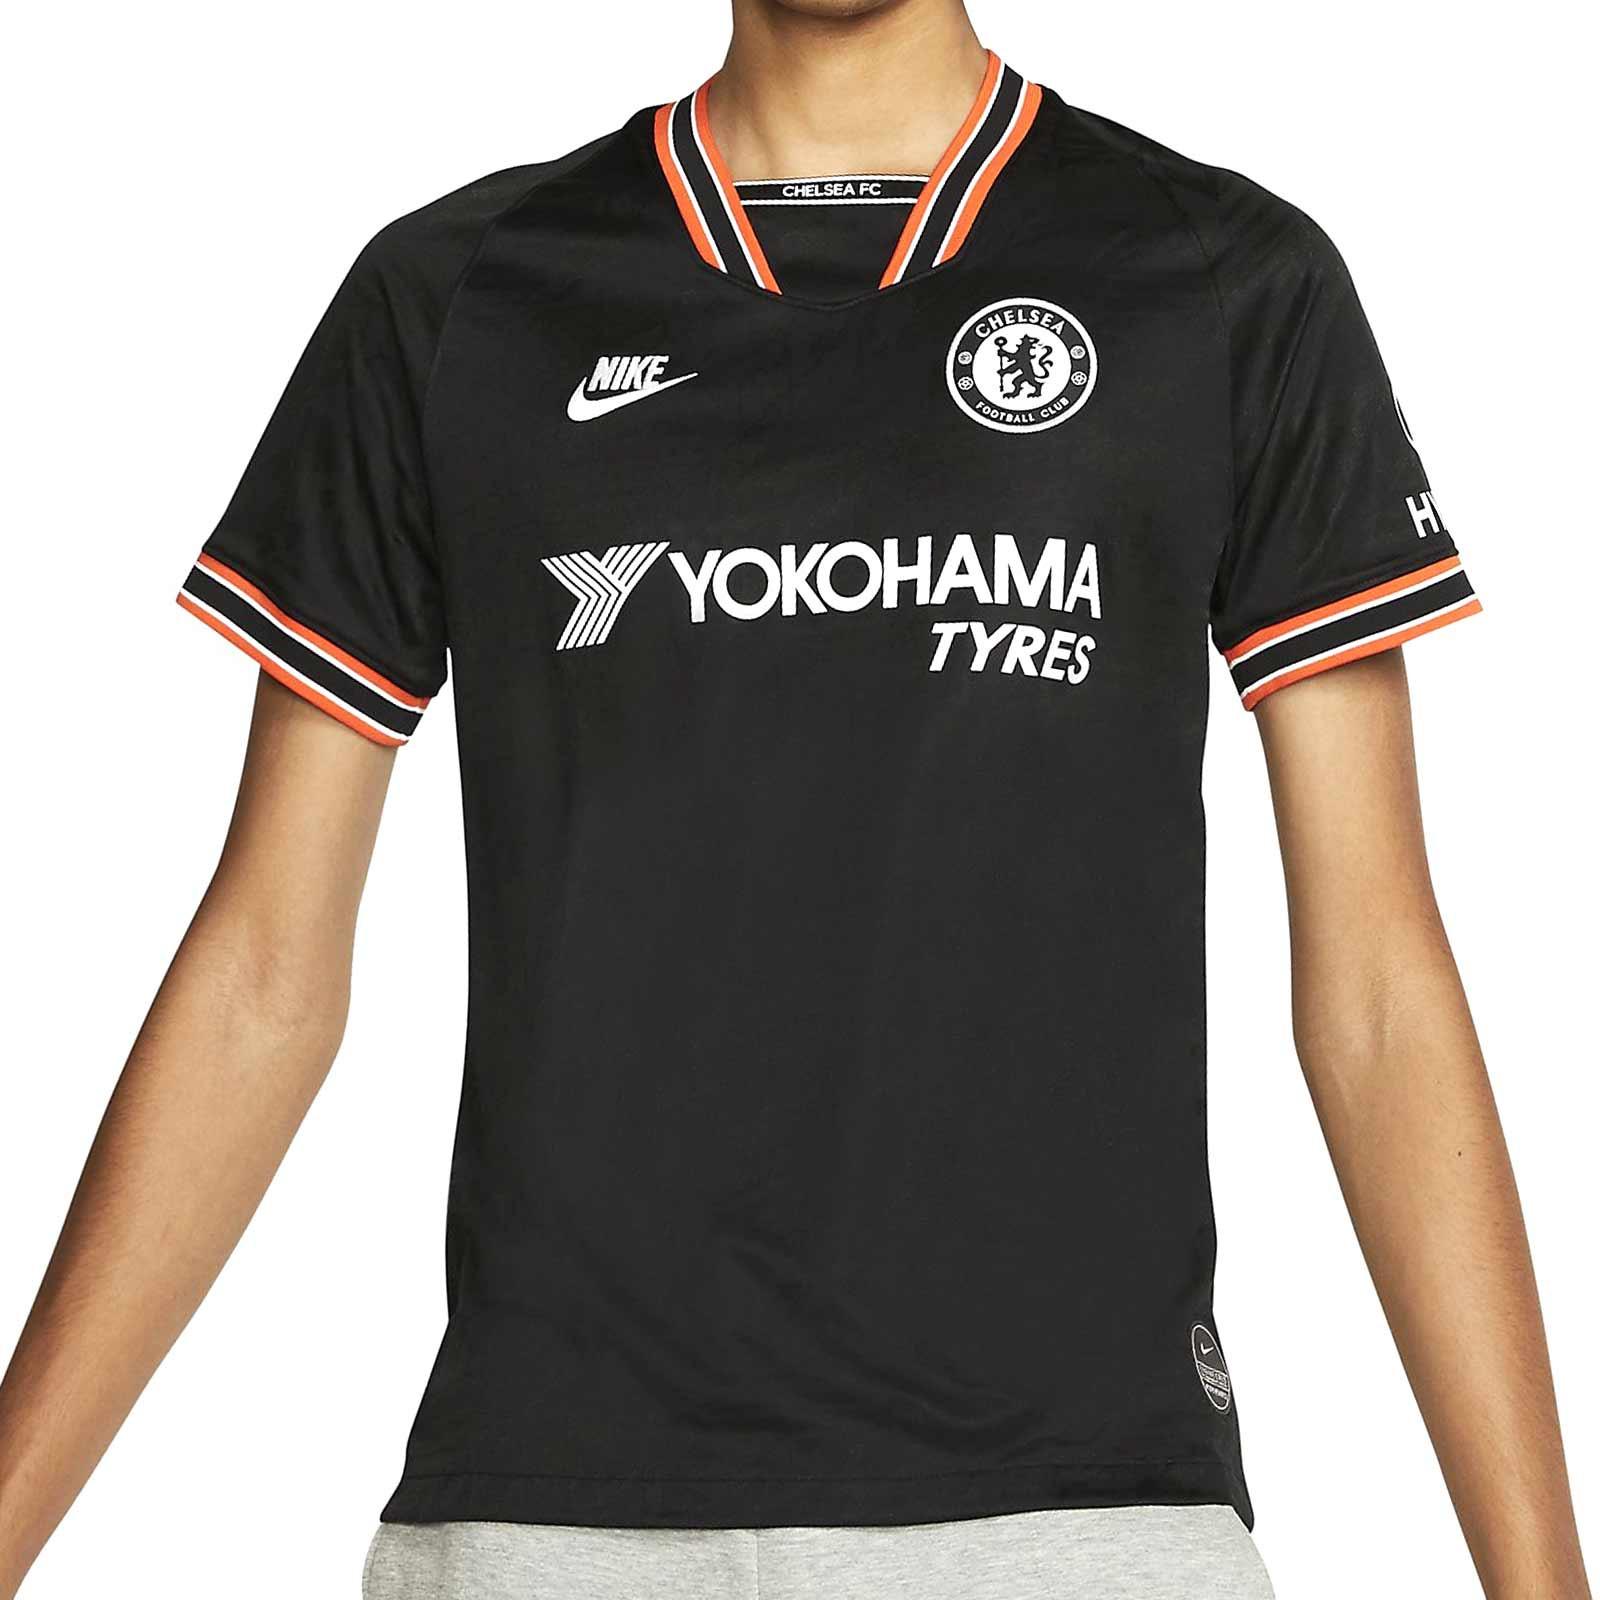 Camiseta del Chelsea (niños) Original | Talla S | Mínimo historico